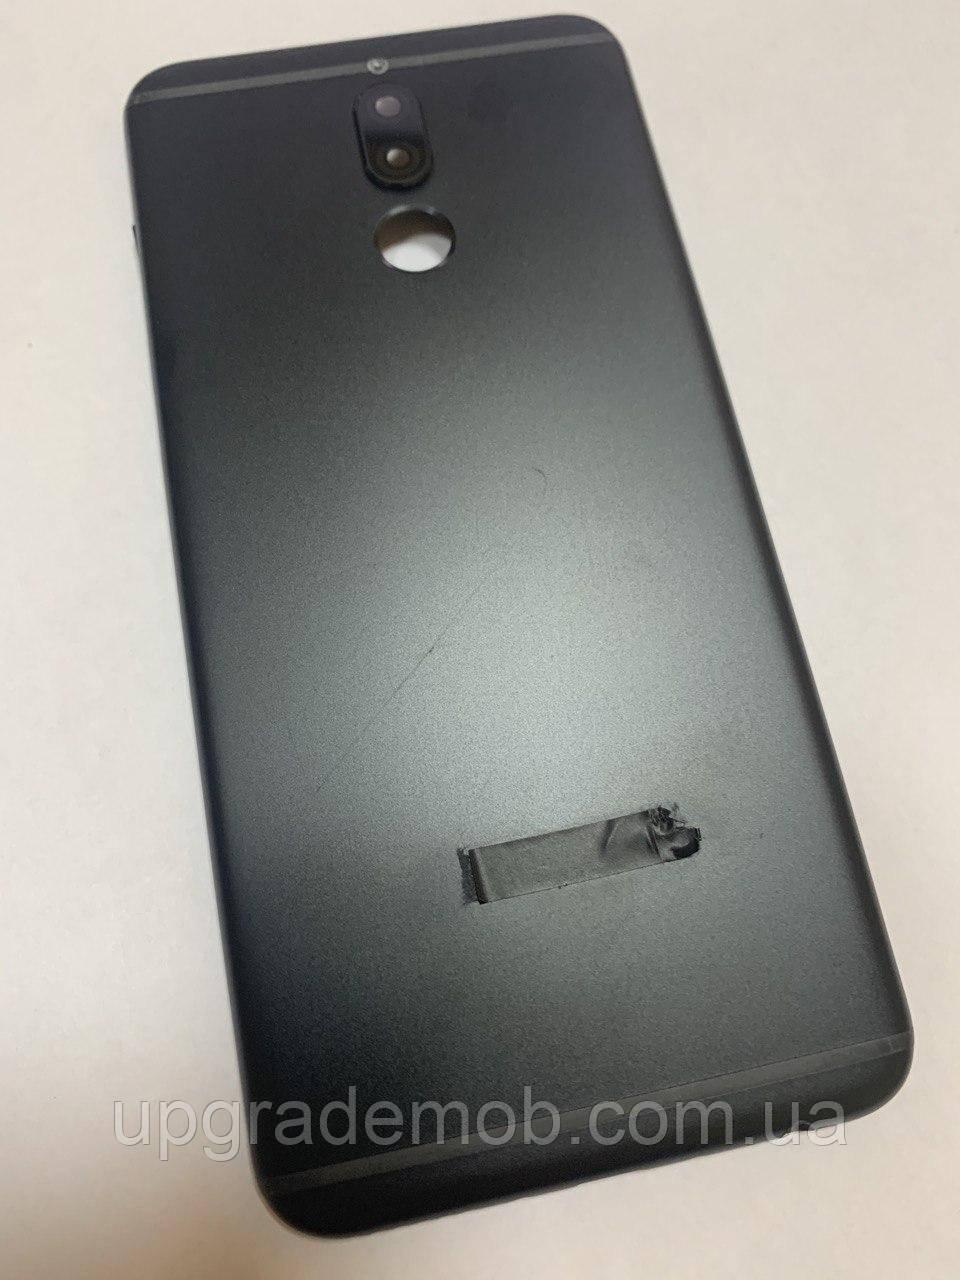 Задняя крышка Huawei Mate 10 Lite (RNE-L01/RNE-L21), черная, Graphite Black